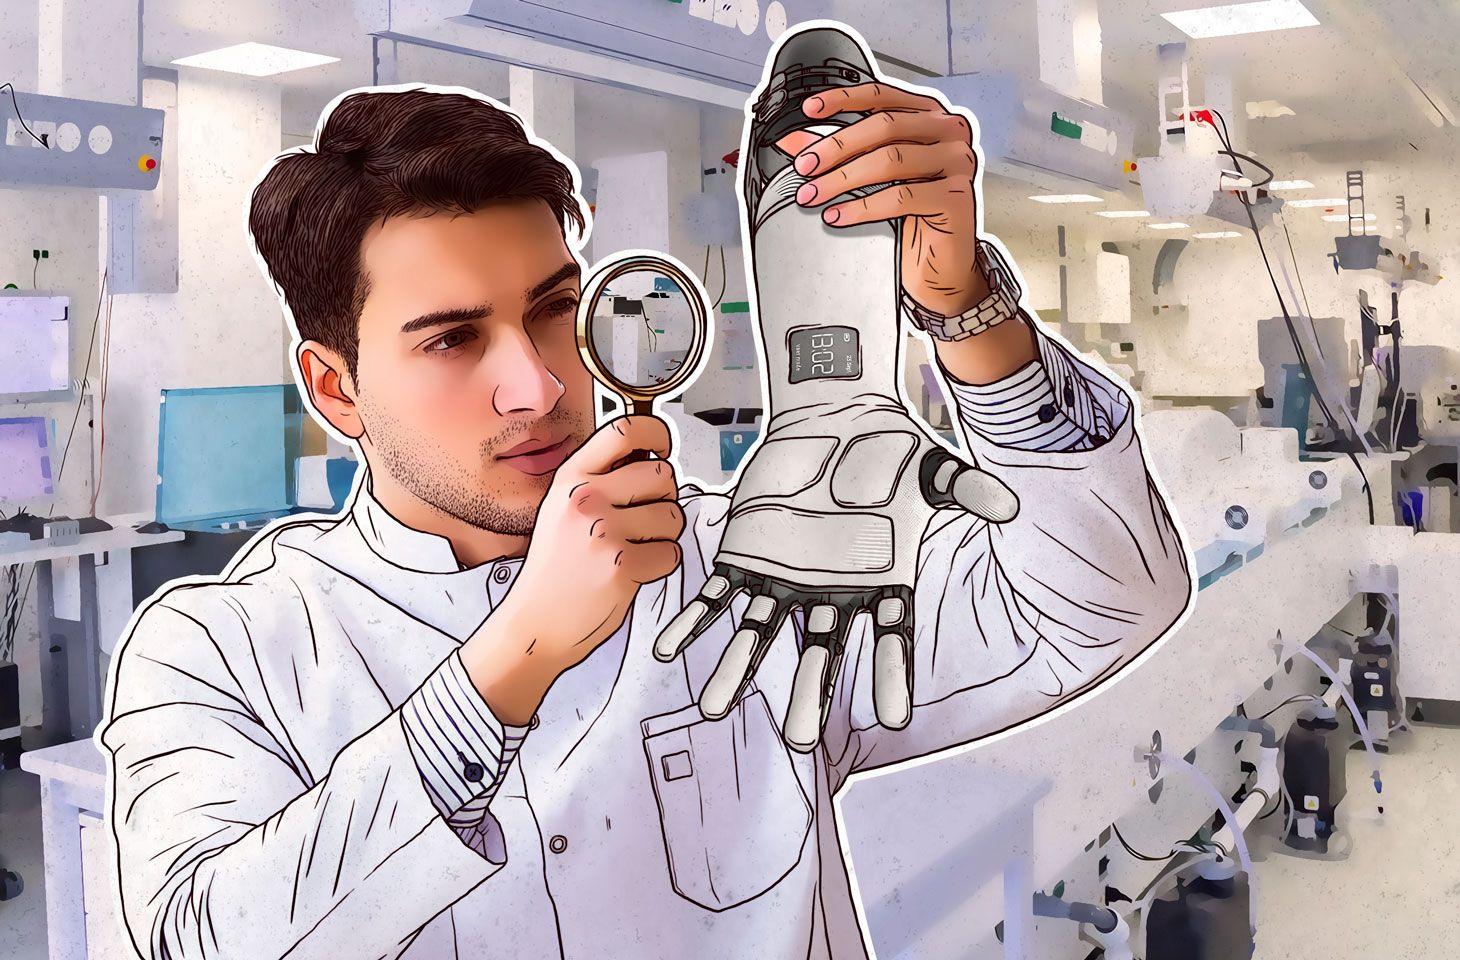 Op het Mobile World Congress 2019, hebben onze deskundigen een onderzoek gepresenteerd over de veiligheid van Motorica kunstmatige smartledematen.